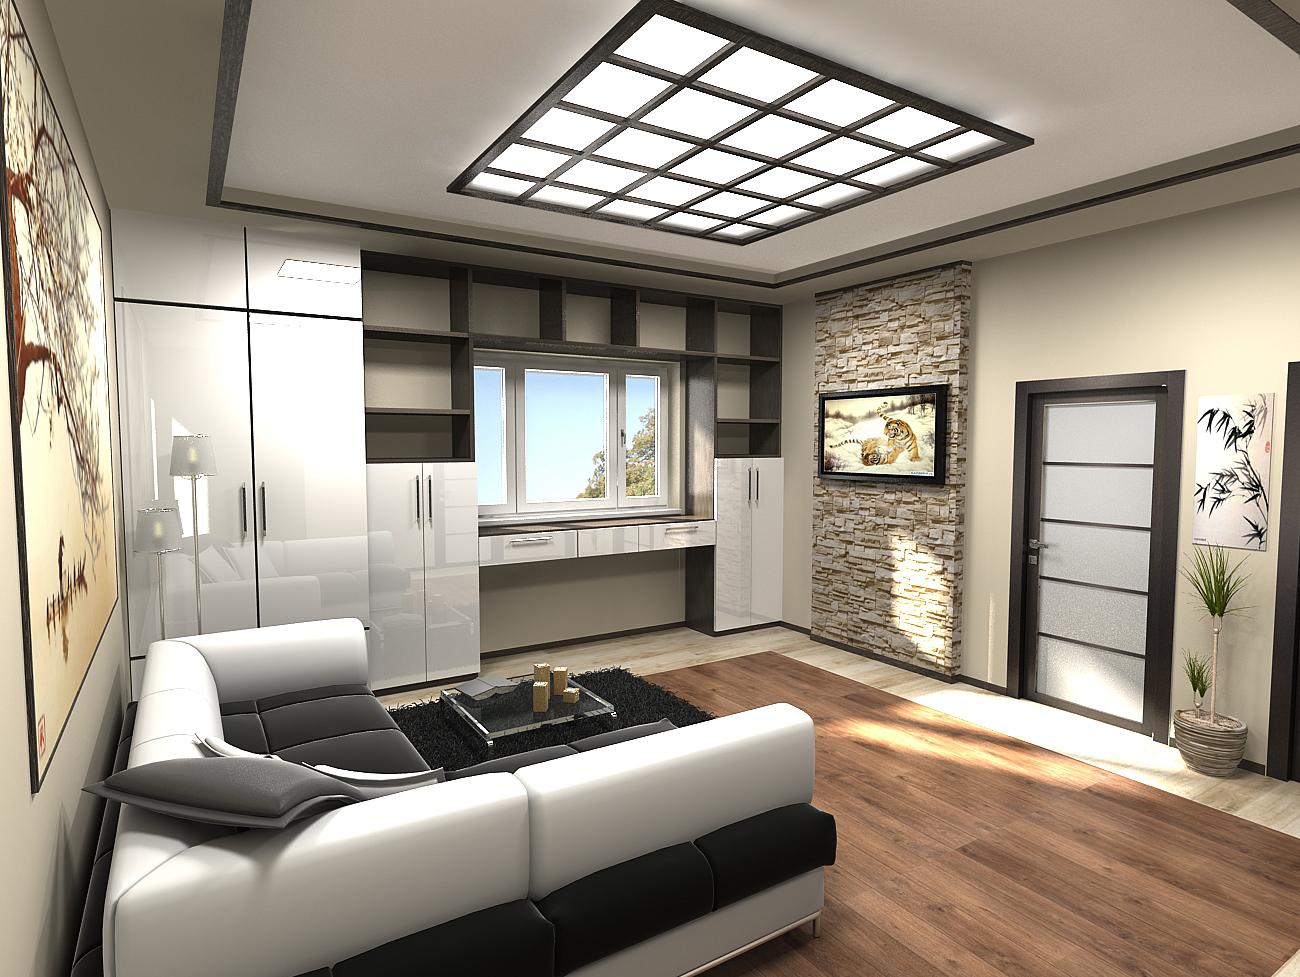 Soffitti Alti Illuminazione : Come usare tutti i vantaggi dei soffitti alti come può e come non